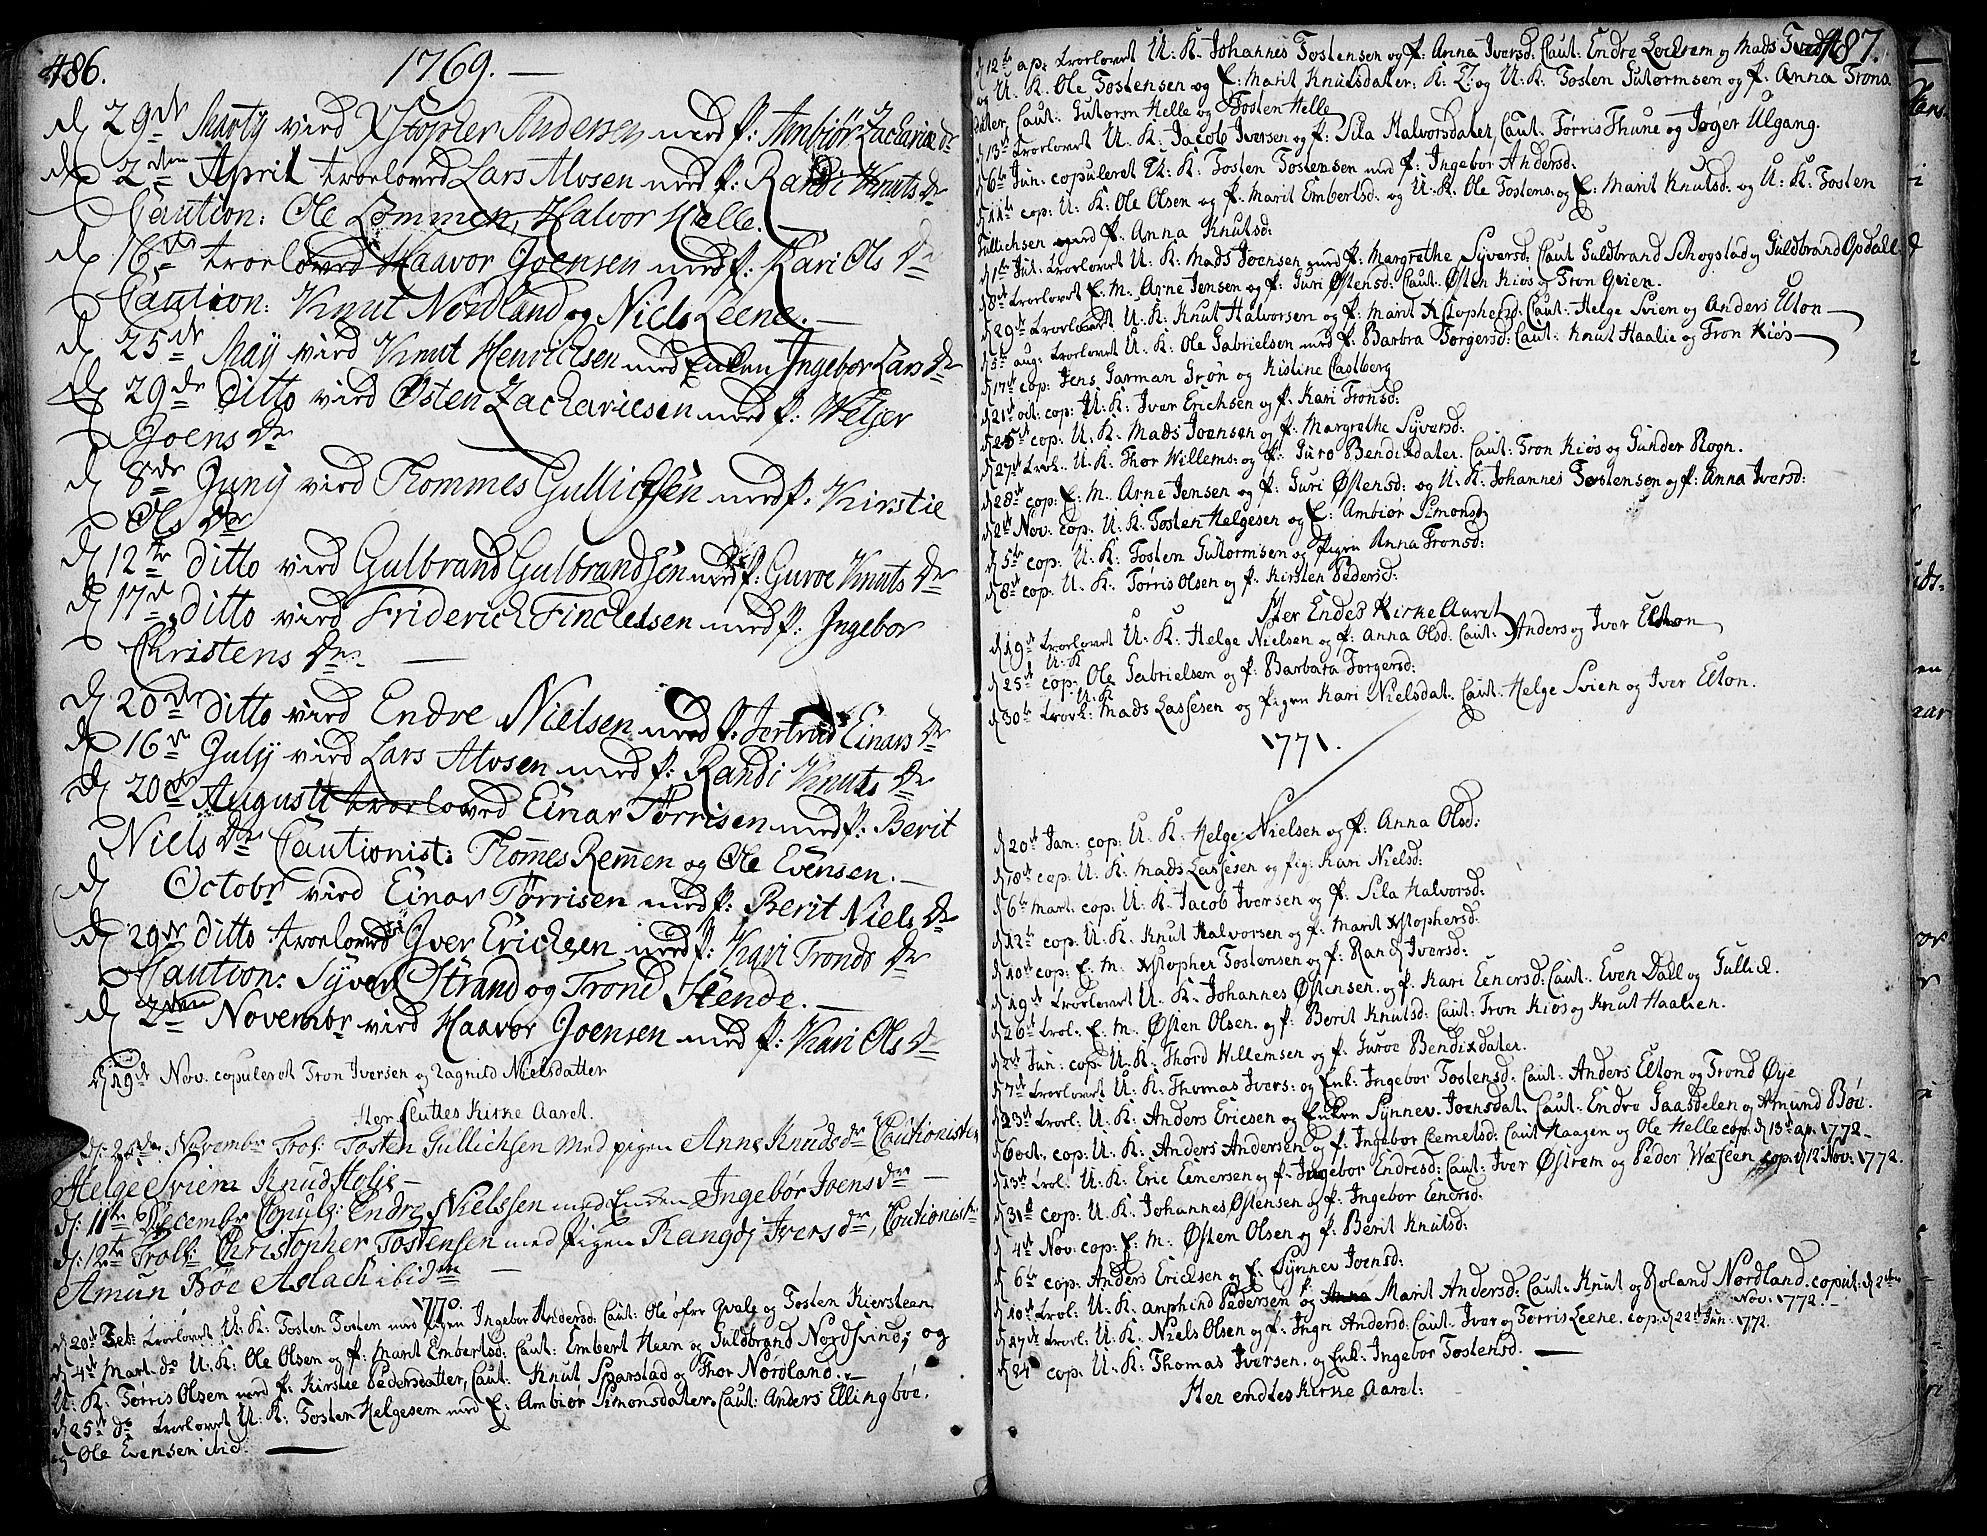 SAH, Vang prestekontor, Valdres, Ministerialbok nr. 1, 1730-1796, s. 486-487